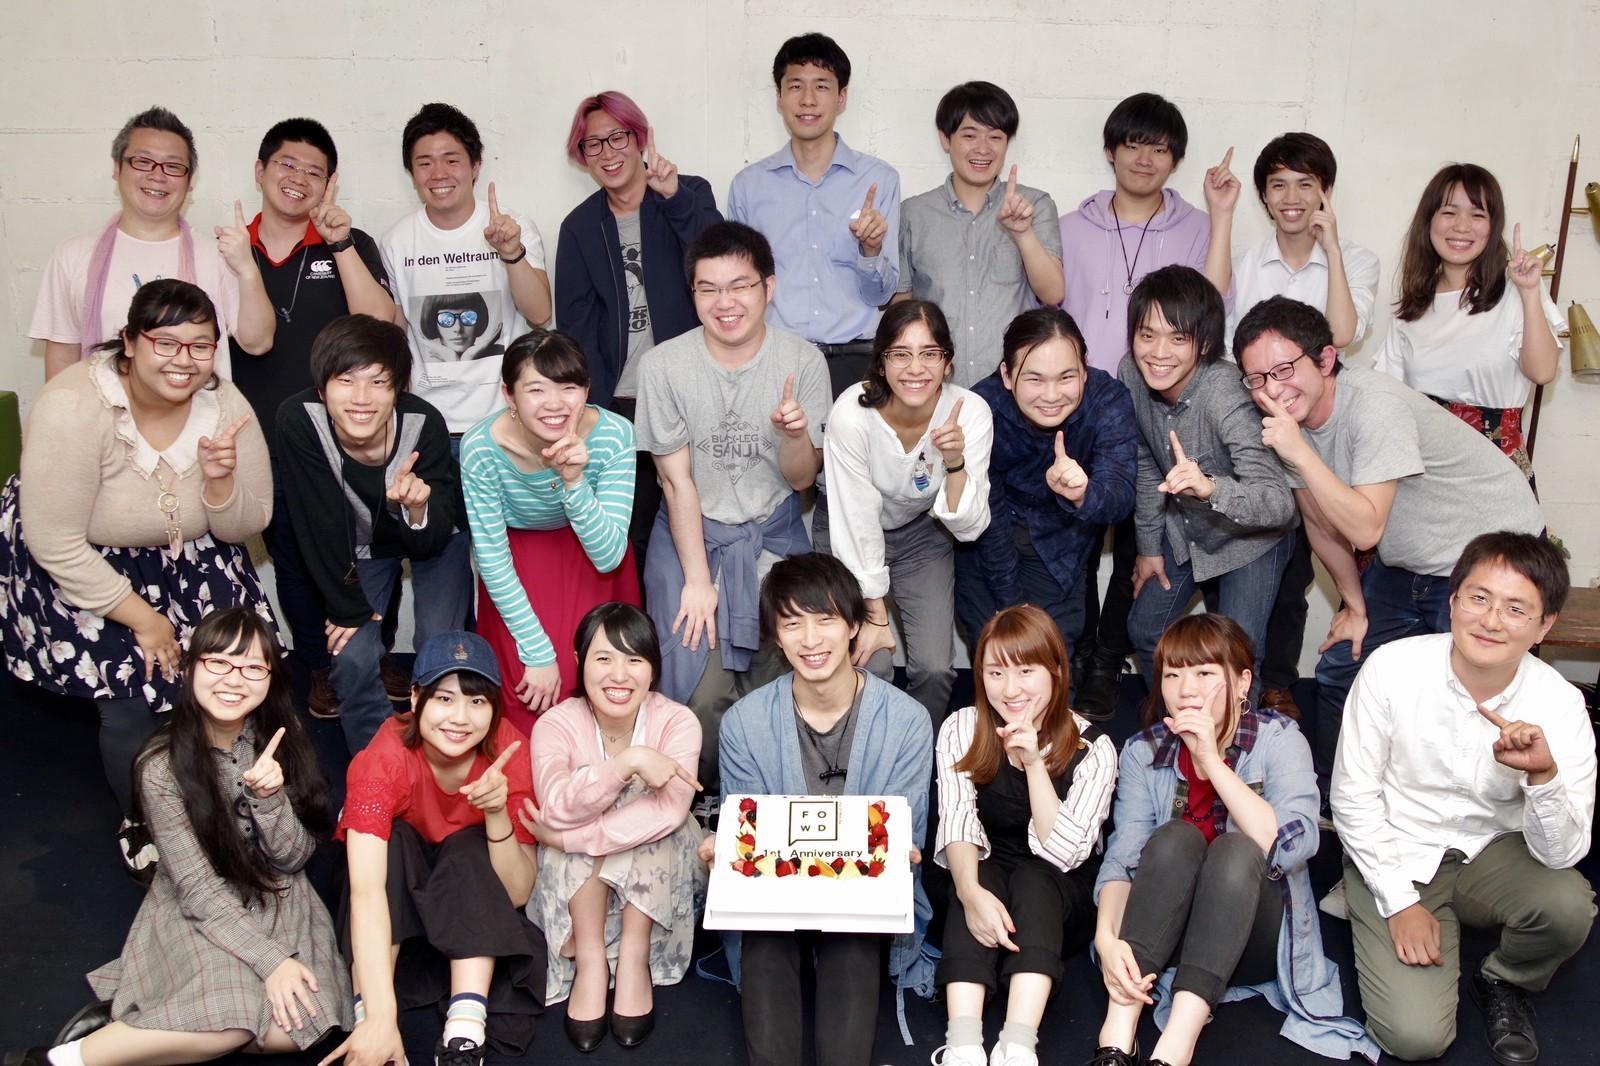 日本から世界を変える大型エンターテイメントIPを!iOSエンジニア募集!